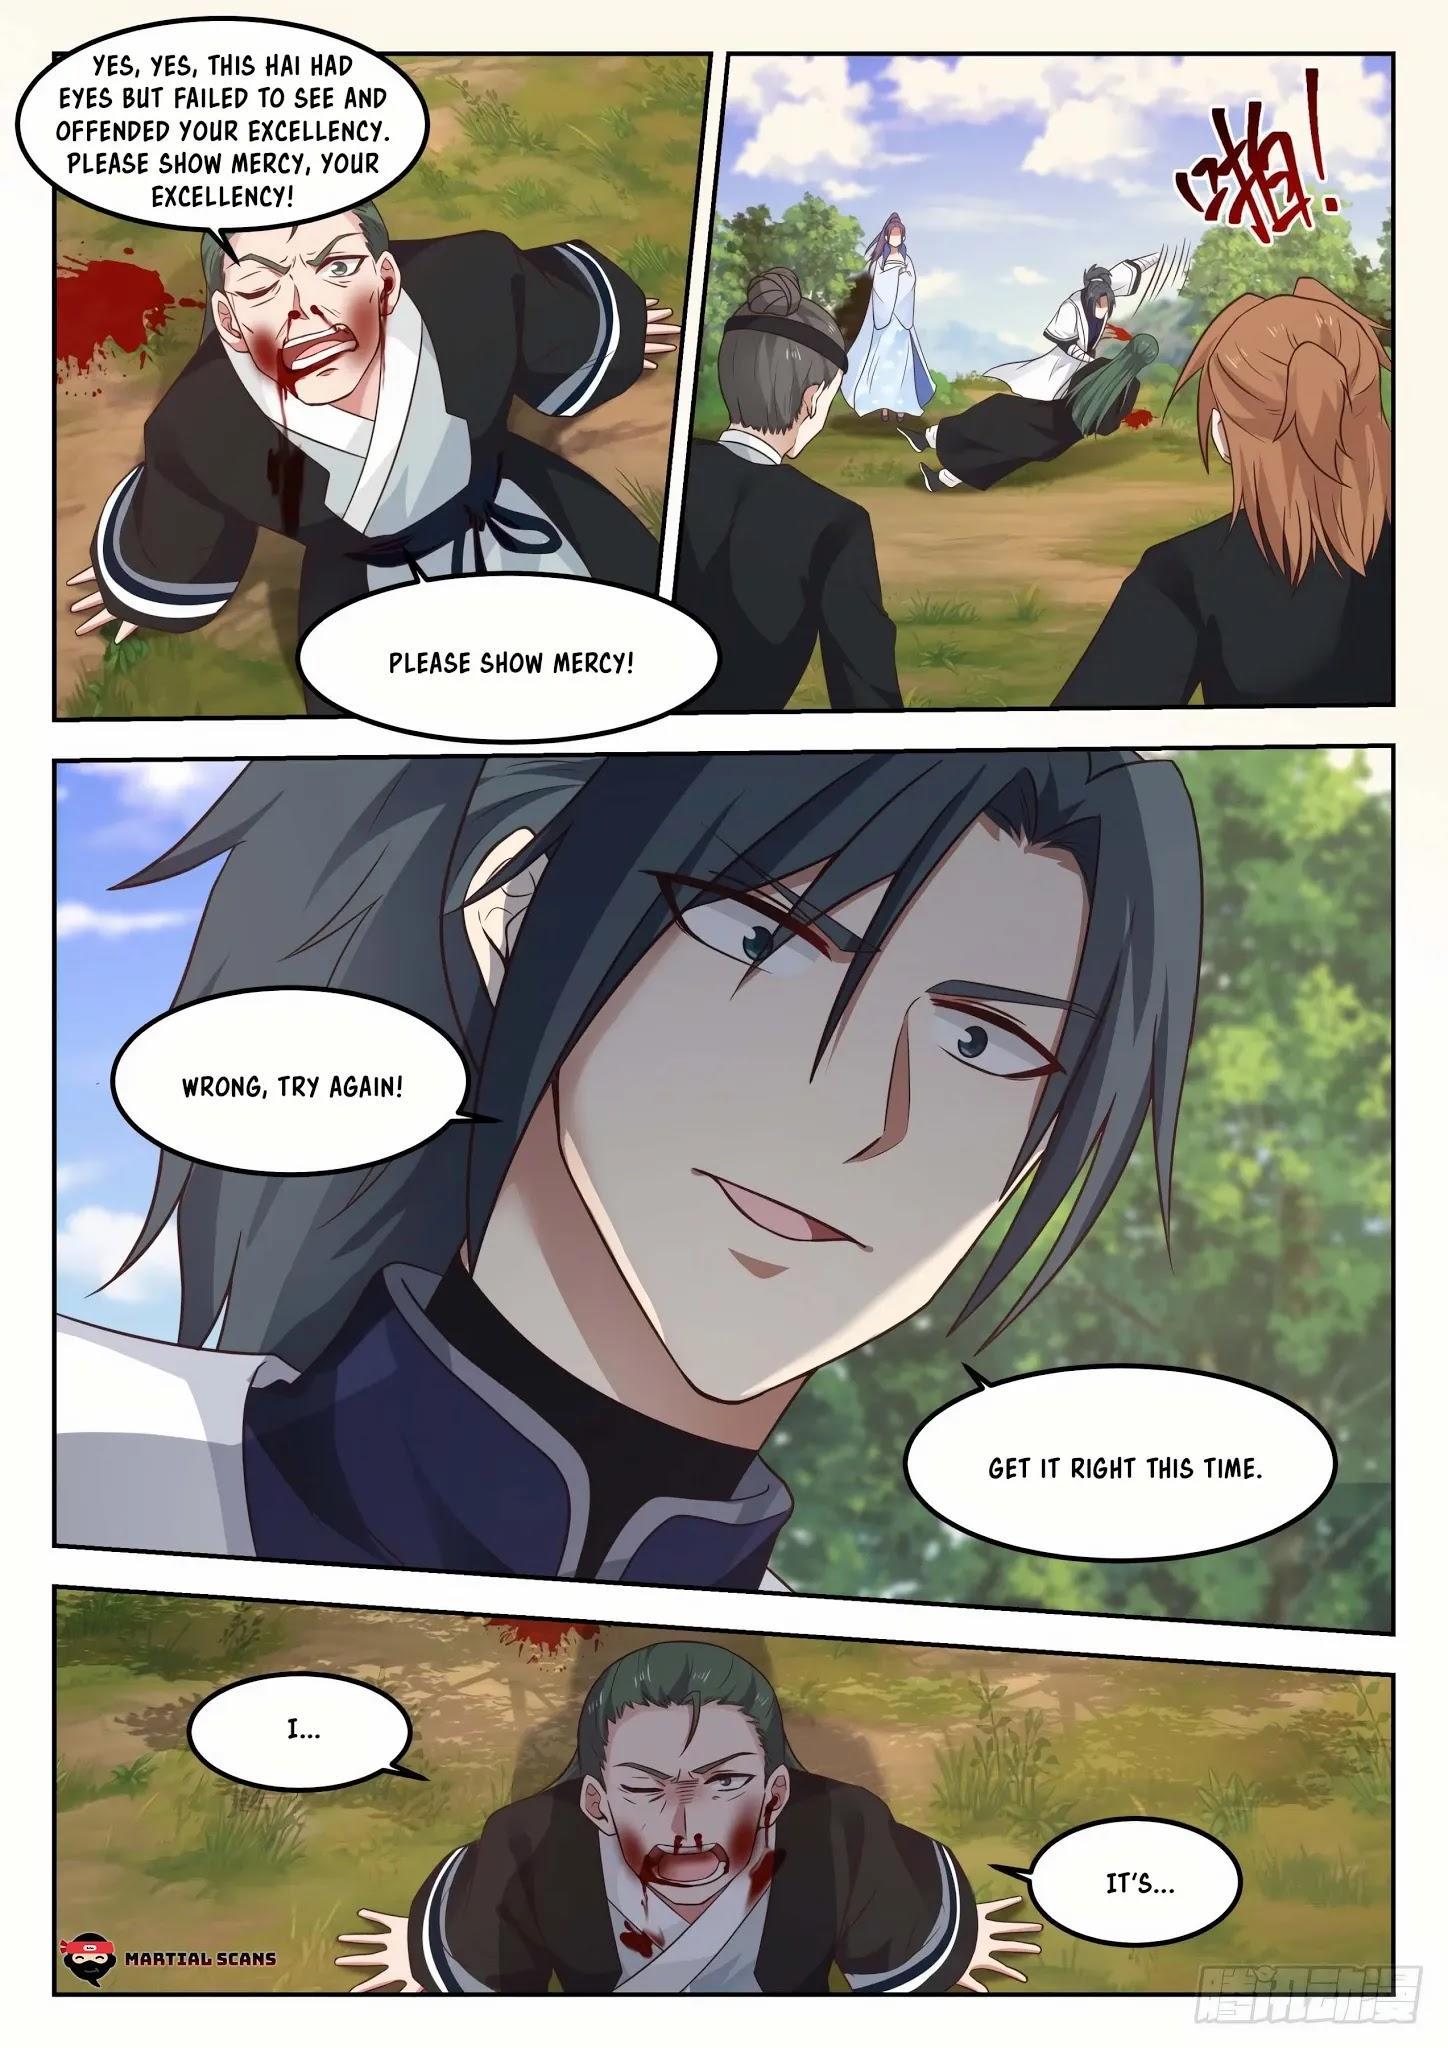 Martial Peak Chapter 1263: Had Eyes But Failed To See page 10 - Mangakakalots.com